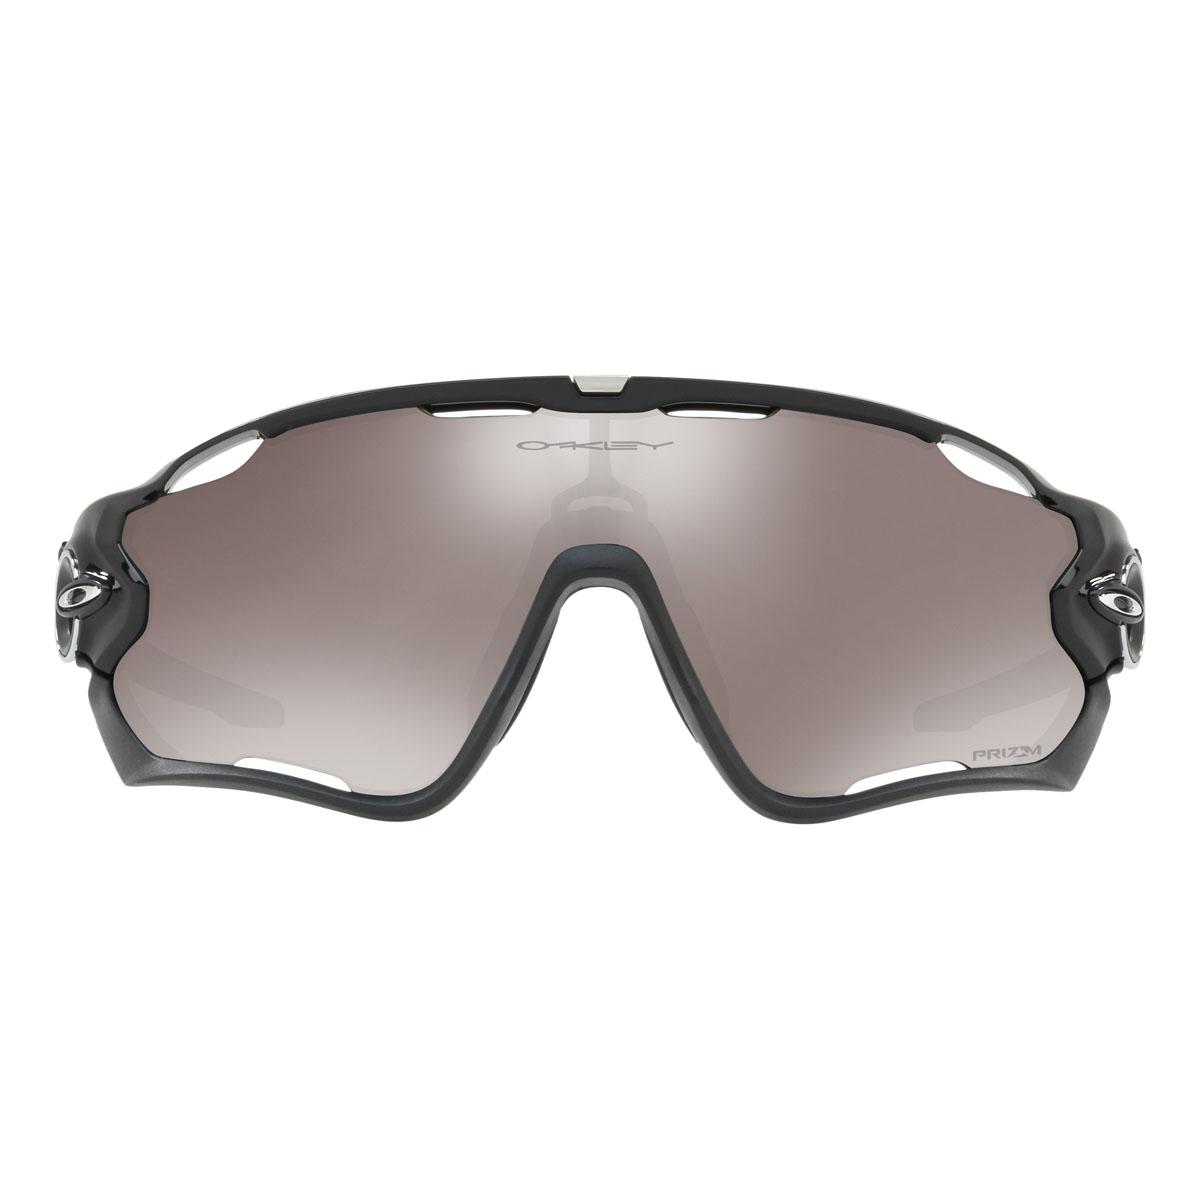 251ae83321e ... Image of Oakley Jawbreaker Prizm Polarised Sunglasses - Polished Black  Frame Prizm Black Polarized Lens